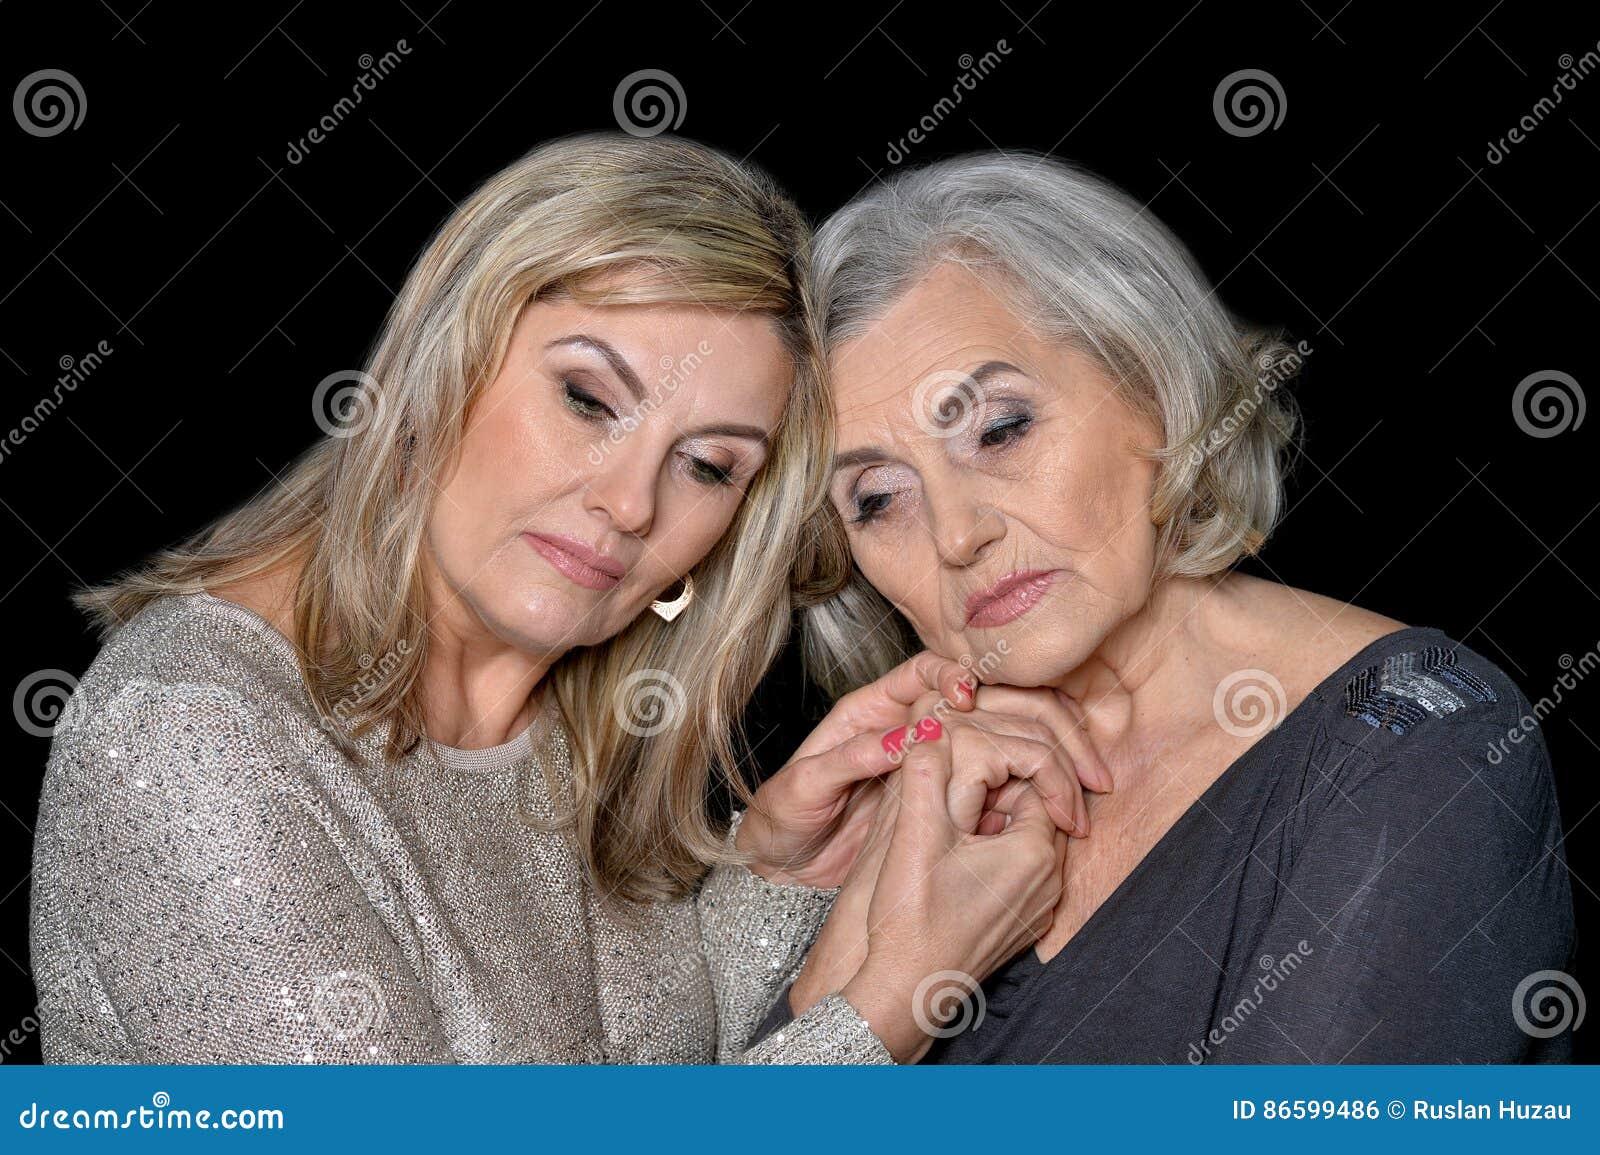 Фото Красивых Зрелых Женщин